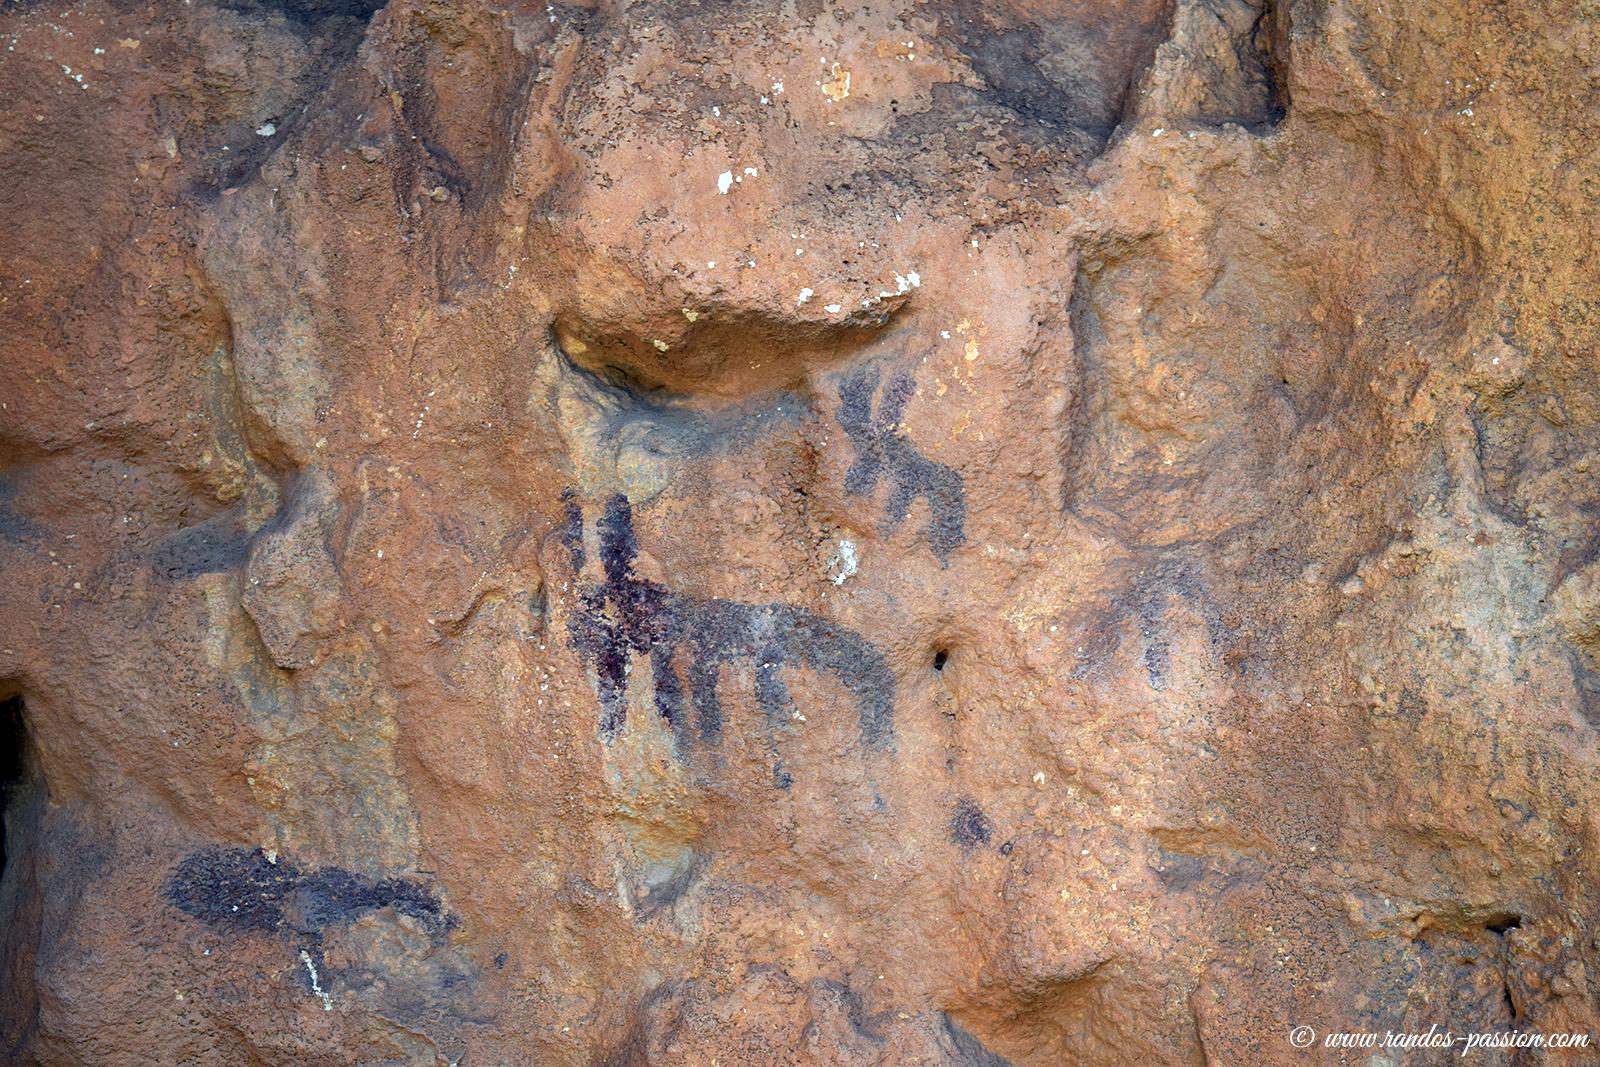 Grottes rupestres de Gallinero - Sierra de Guara